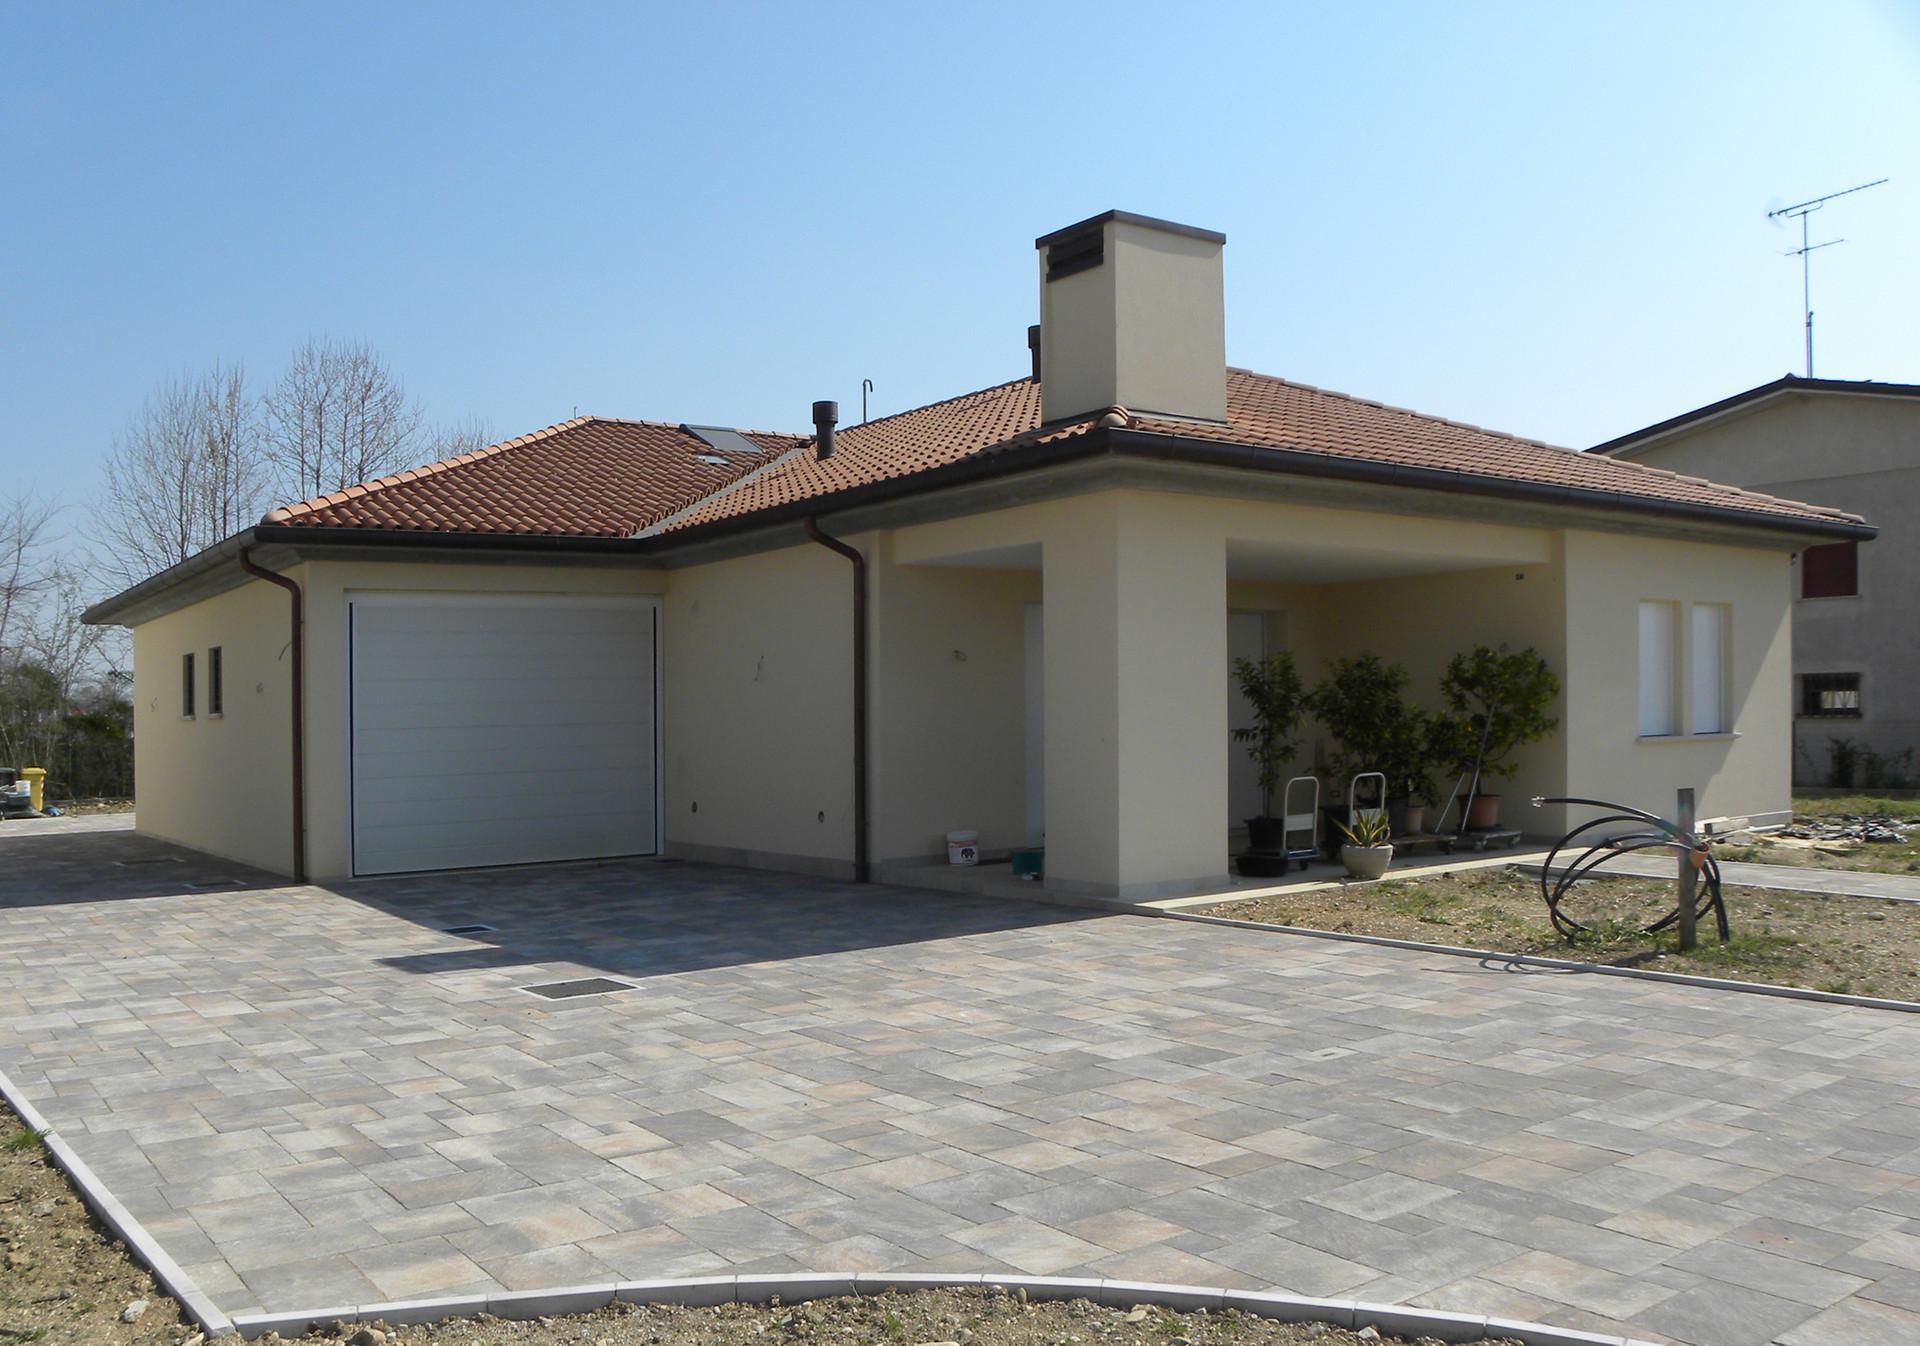 Demolizione e ricostruzione con ampliamento di fabbricato residenziale unifamiliare a San Fior (TV)